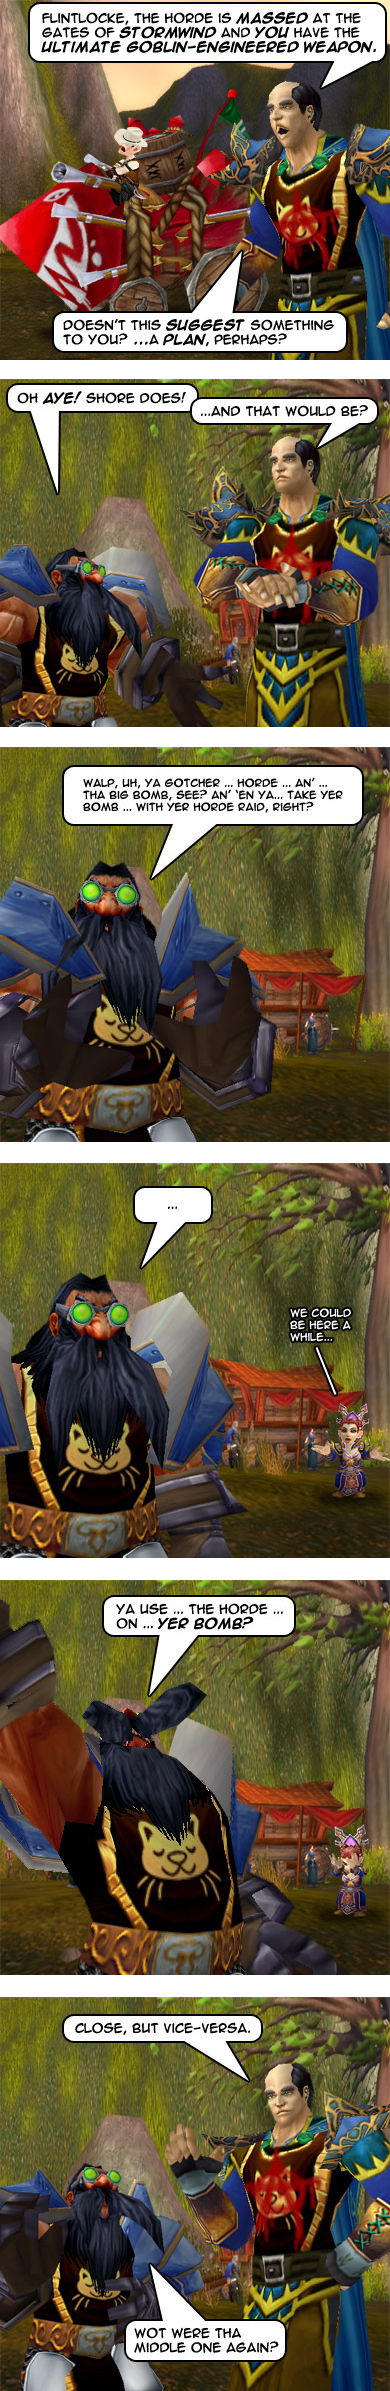 The Dwarf makes a plan